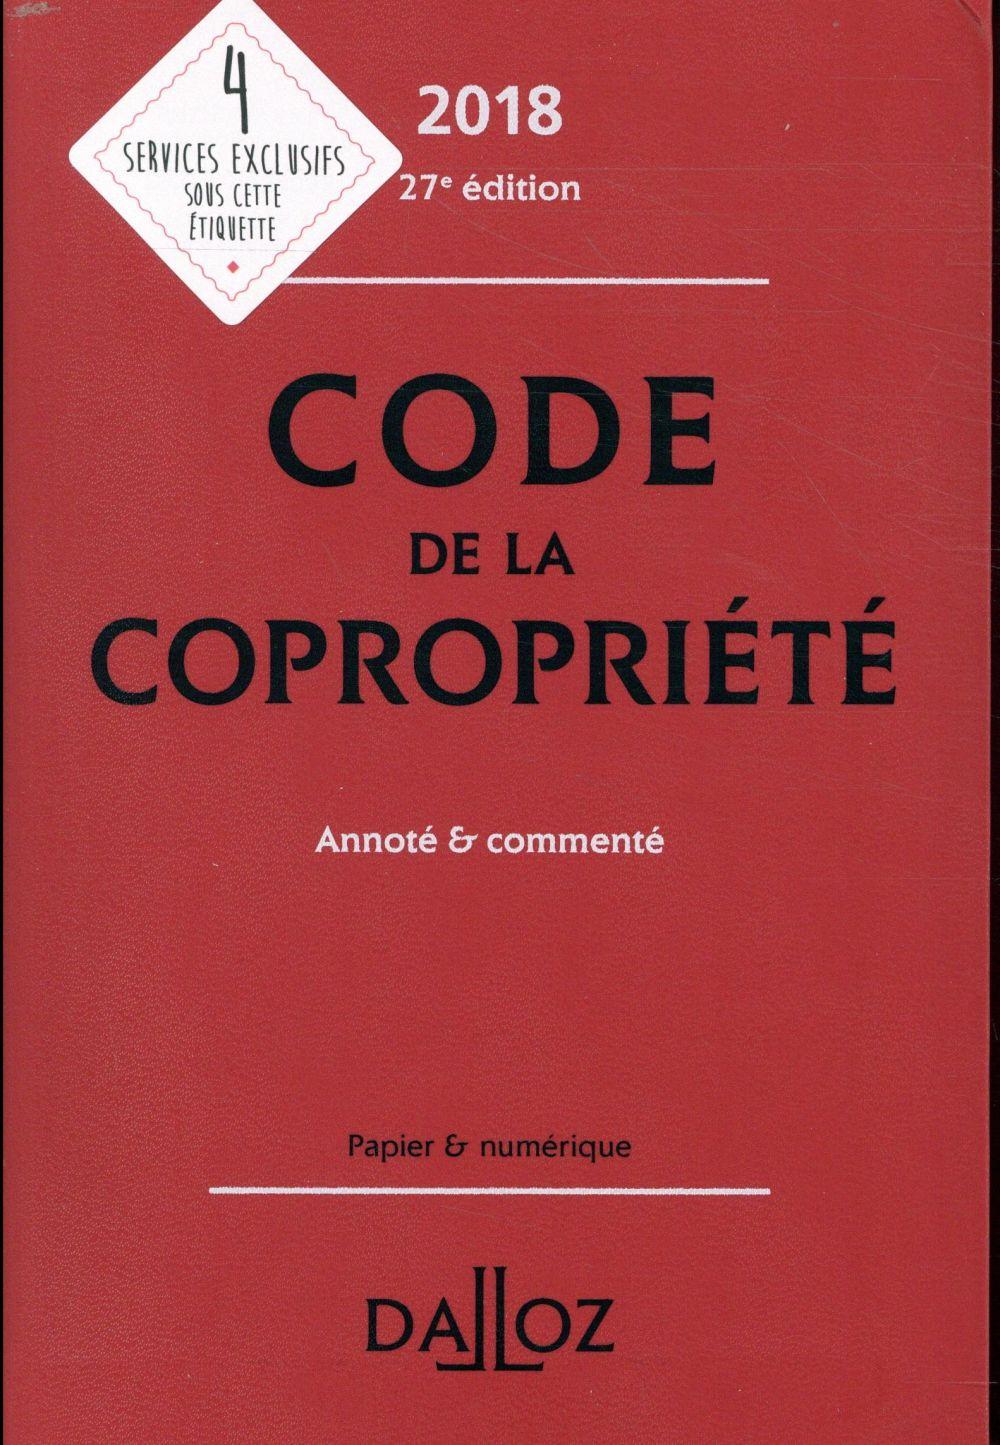 Code de la copropriété commenté (édition 2018)